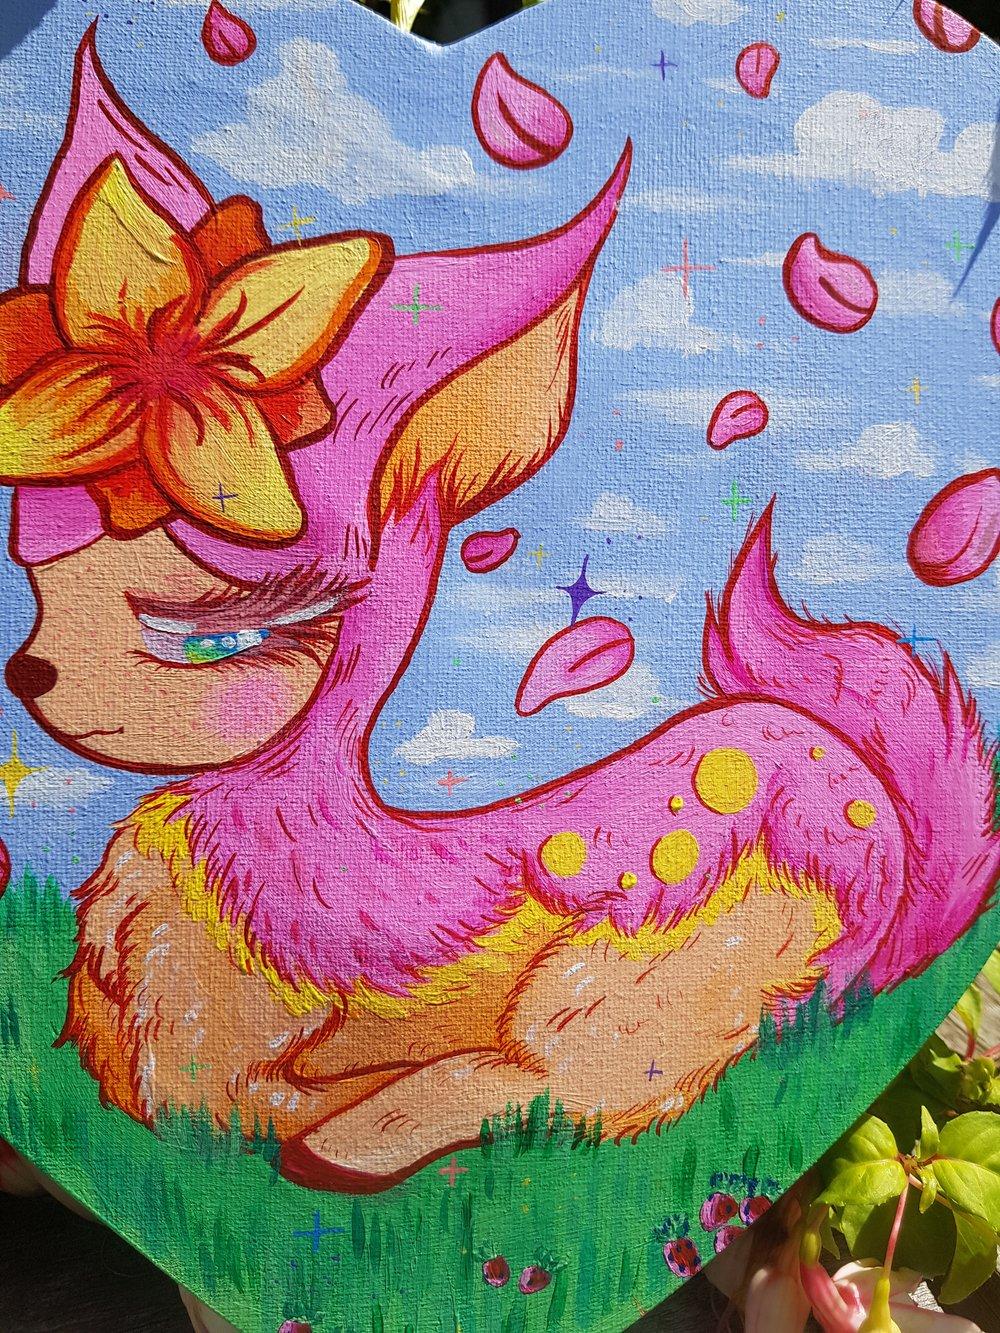 Image of Deerling Pokemon Acrylic Painting